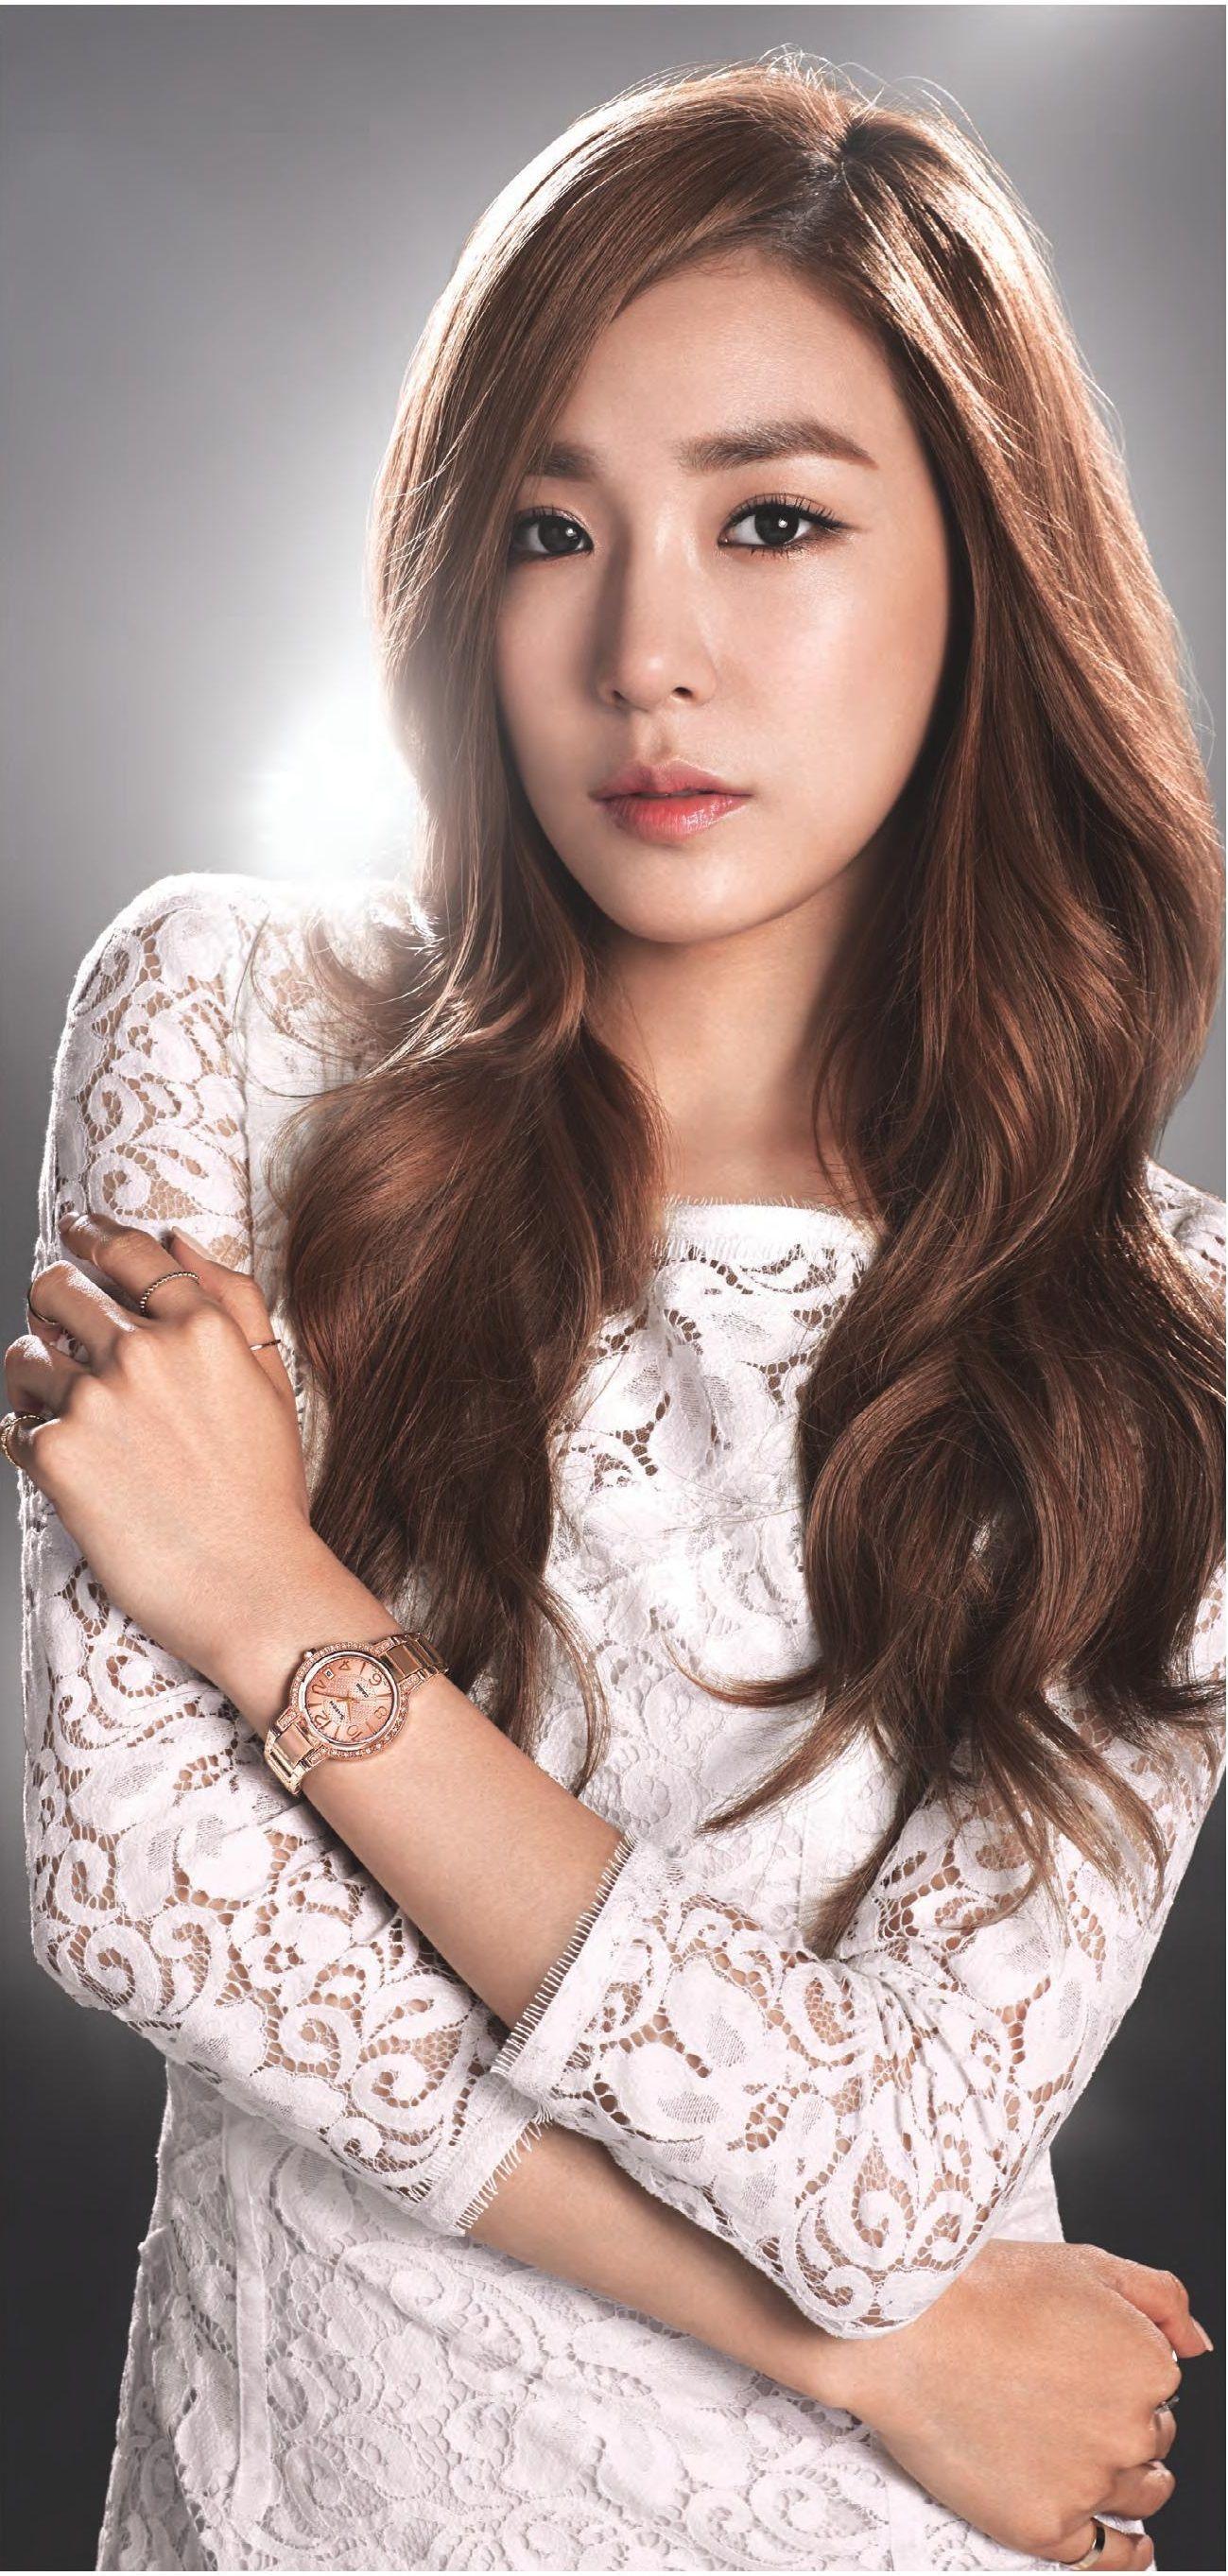 صور L تايون تيفاني و يونا الترويجية لساعات Casio Baby G Girls Generation Tiffany Girls Generation Girl